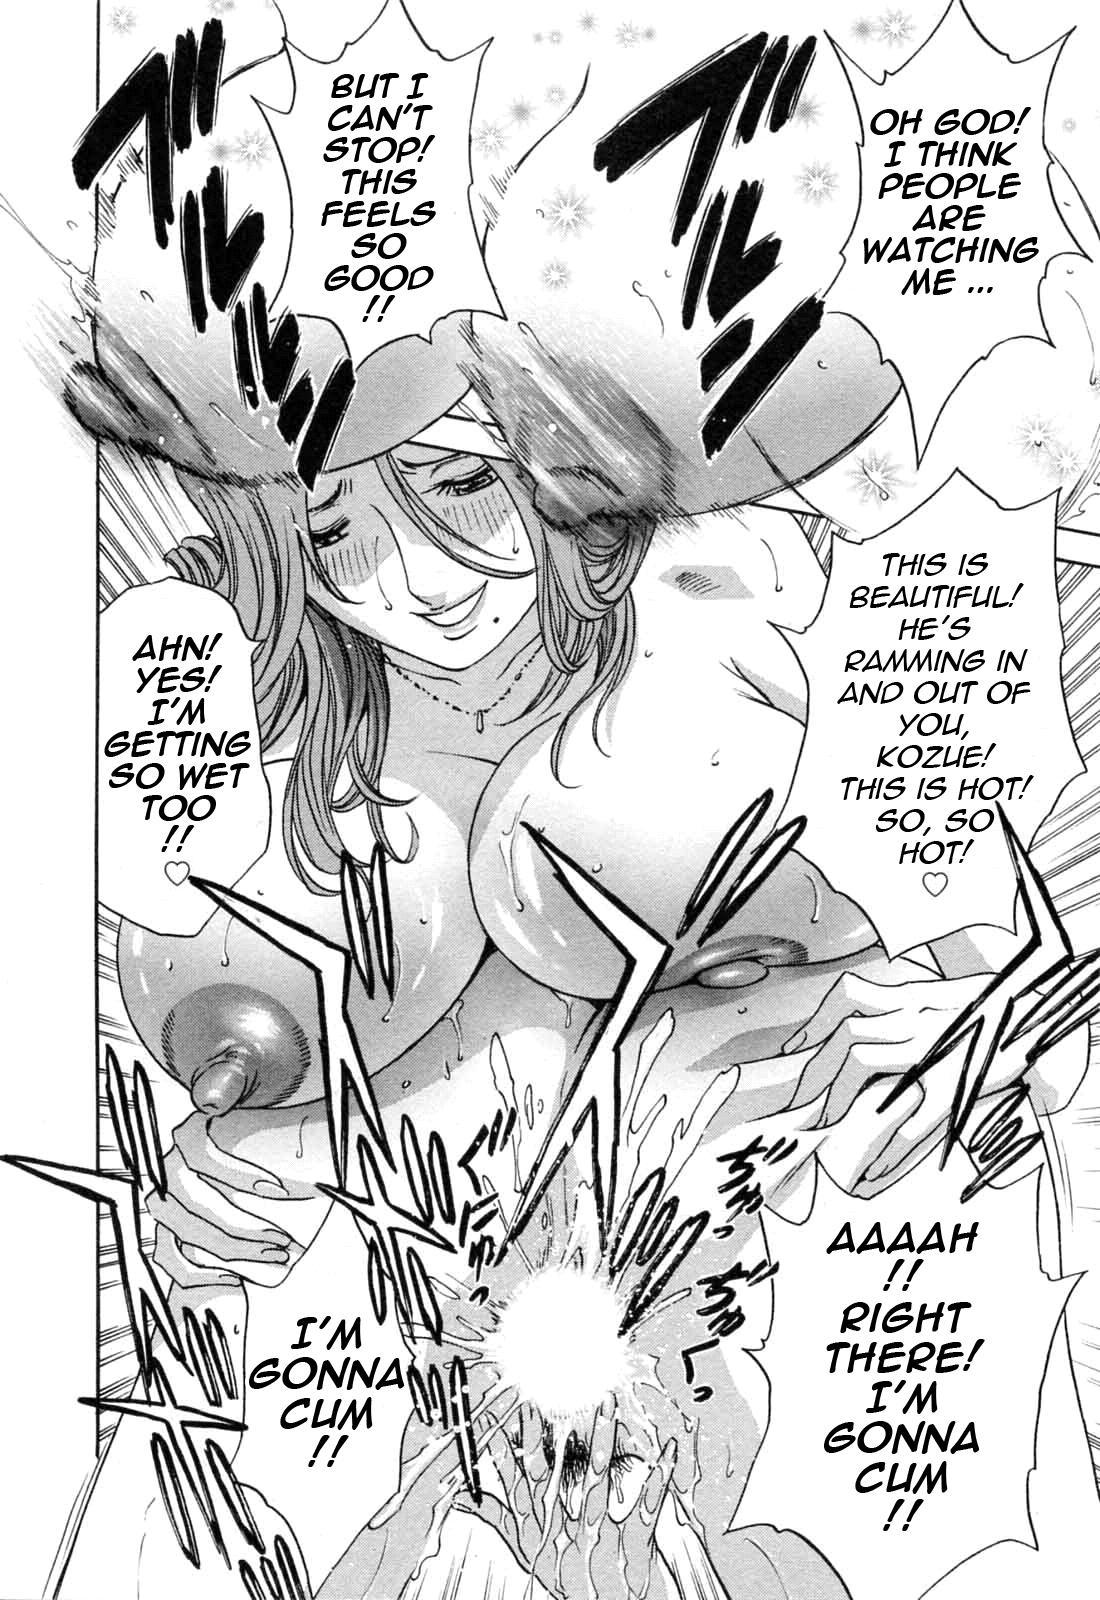 [Hidemaru] Mo-Retsu! Boin Sensei (Boing Boing Teacher) Vol.5 [English] [4dawgz] [Tadanohito] 69